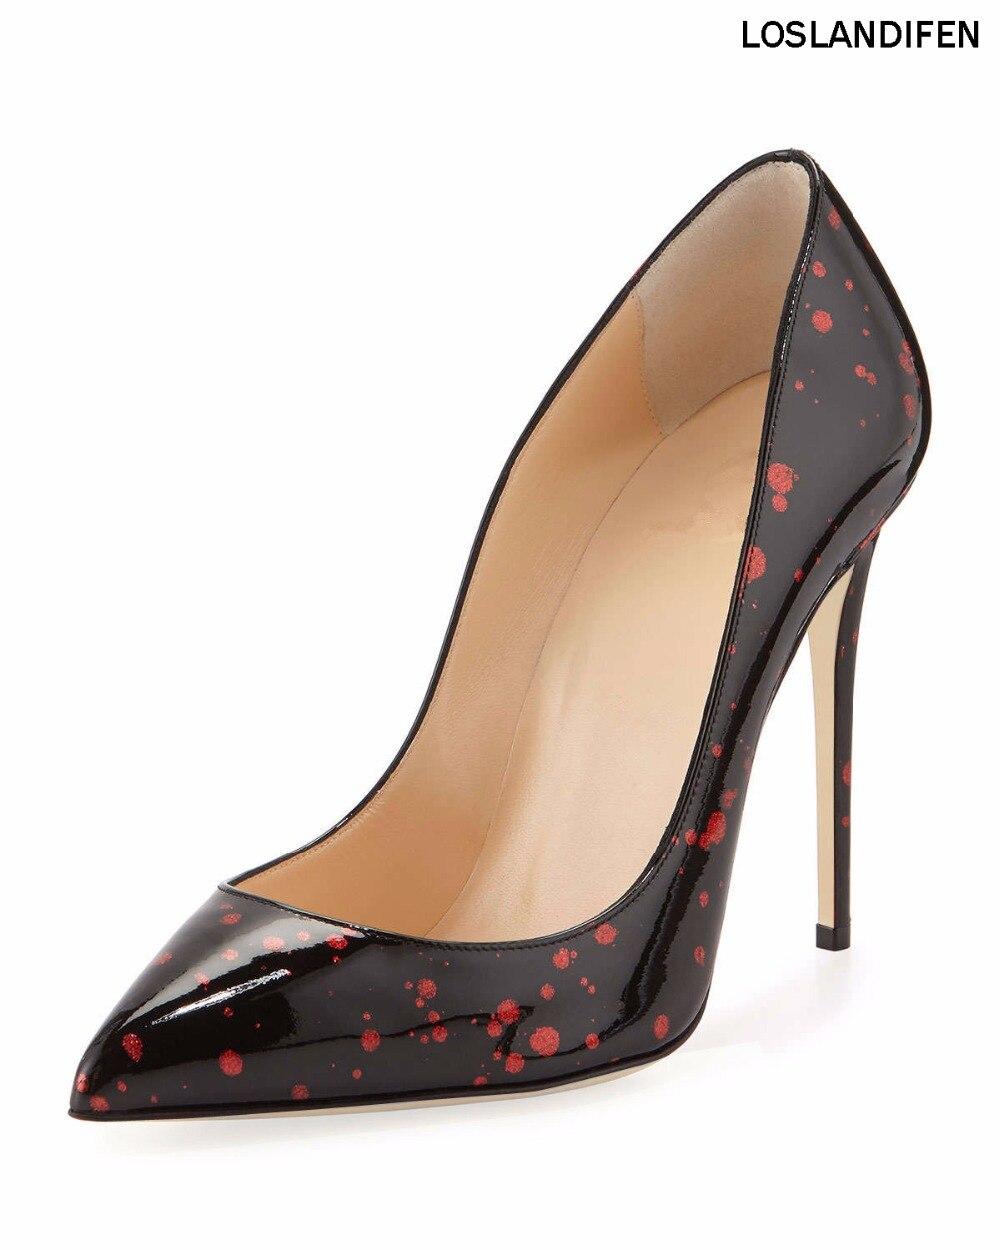 Schuhe Stil Neue Damen Party Cke100 Schlupf Handmade Fashion Frauen Prom Lackleder Pumpt Hochzeit An 2018 OpqdwO